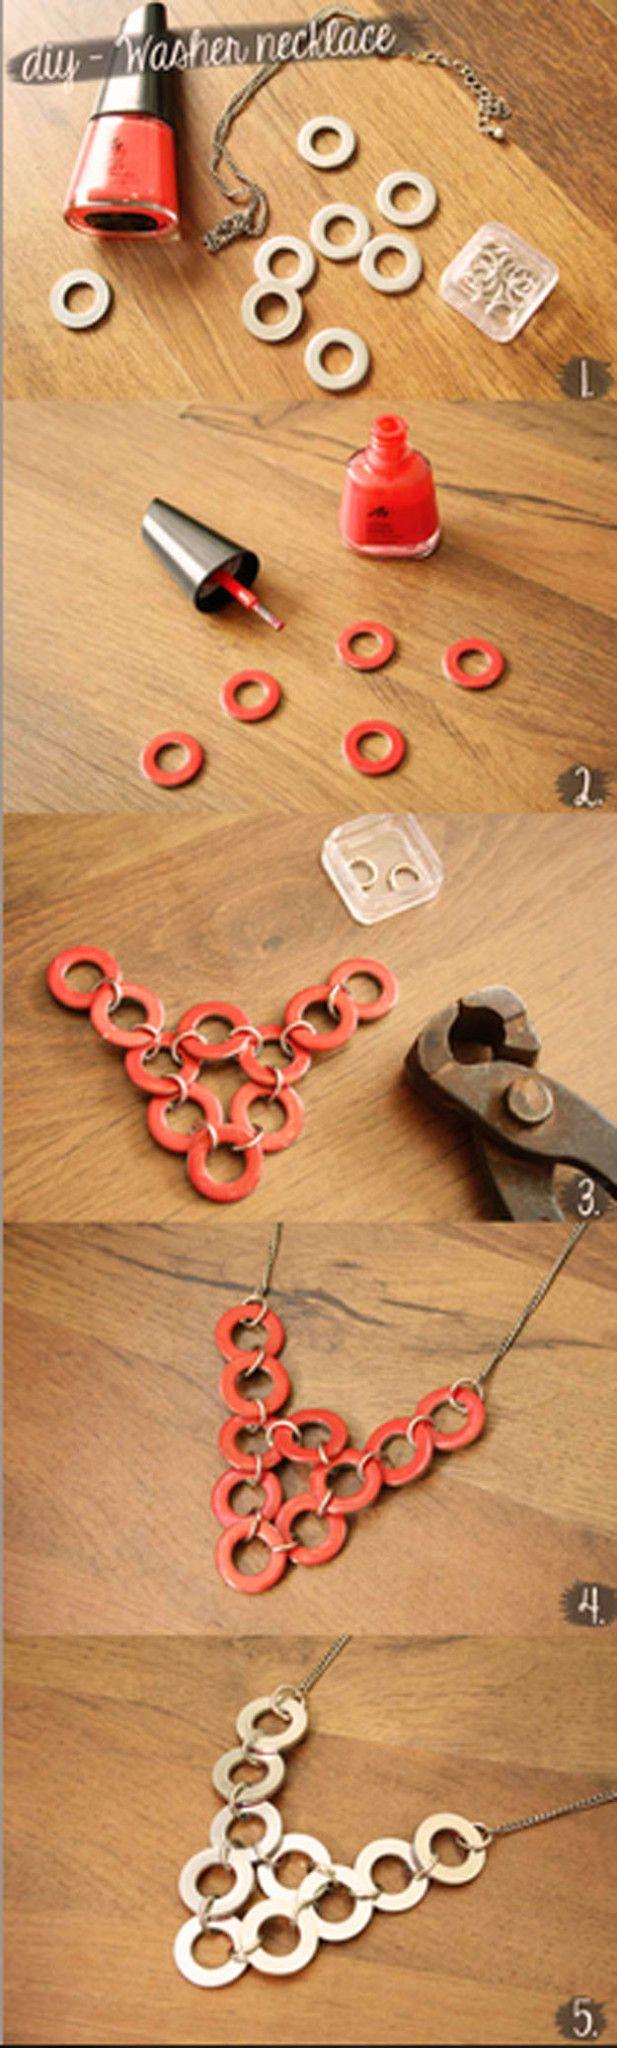 DIY Lavadora Collar Tutorial | 10 sencillos y frescos Ideas joyería de bricolaje | Accesorios de bricolaje, ver más en http://artesaniasdebricolaje.ru/diy-jewelry-cool-easy-diy-jewelry-ideas